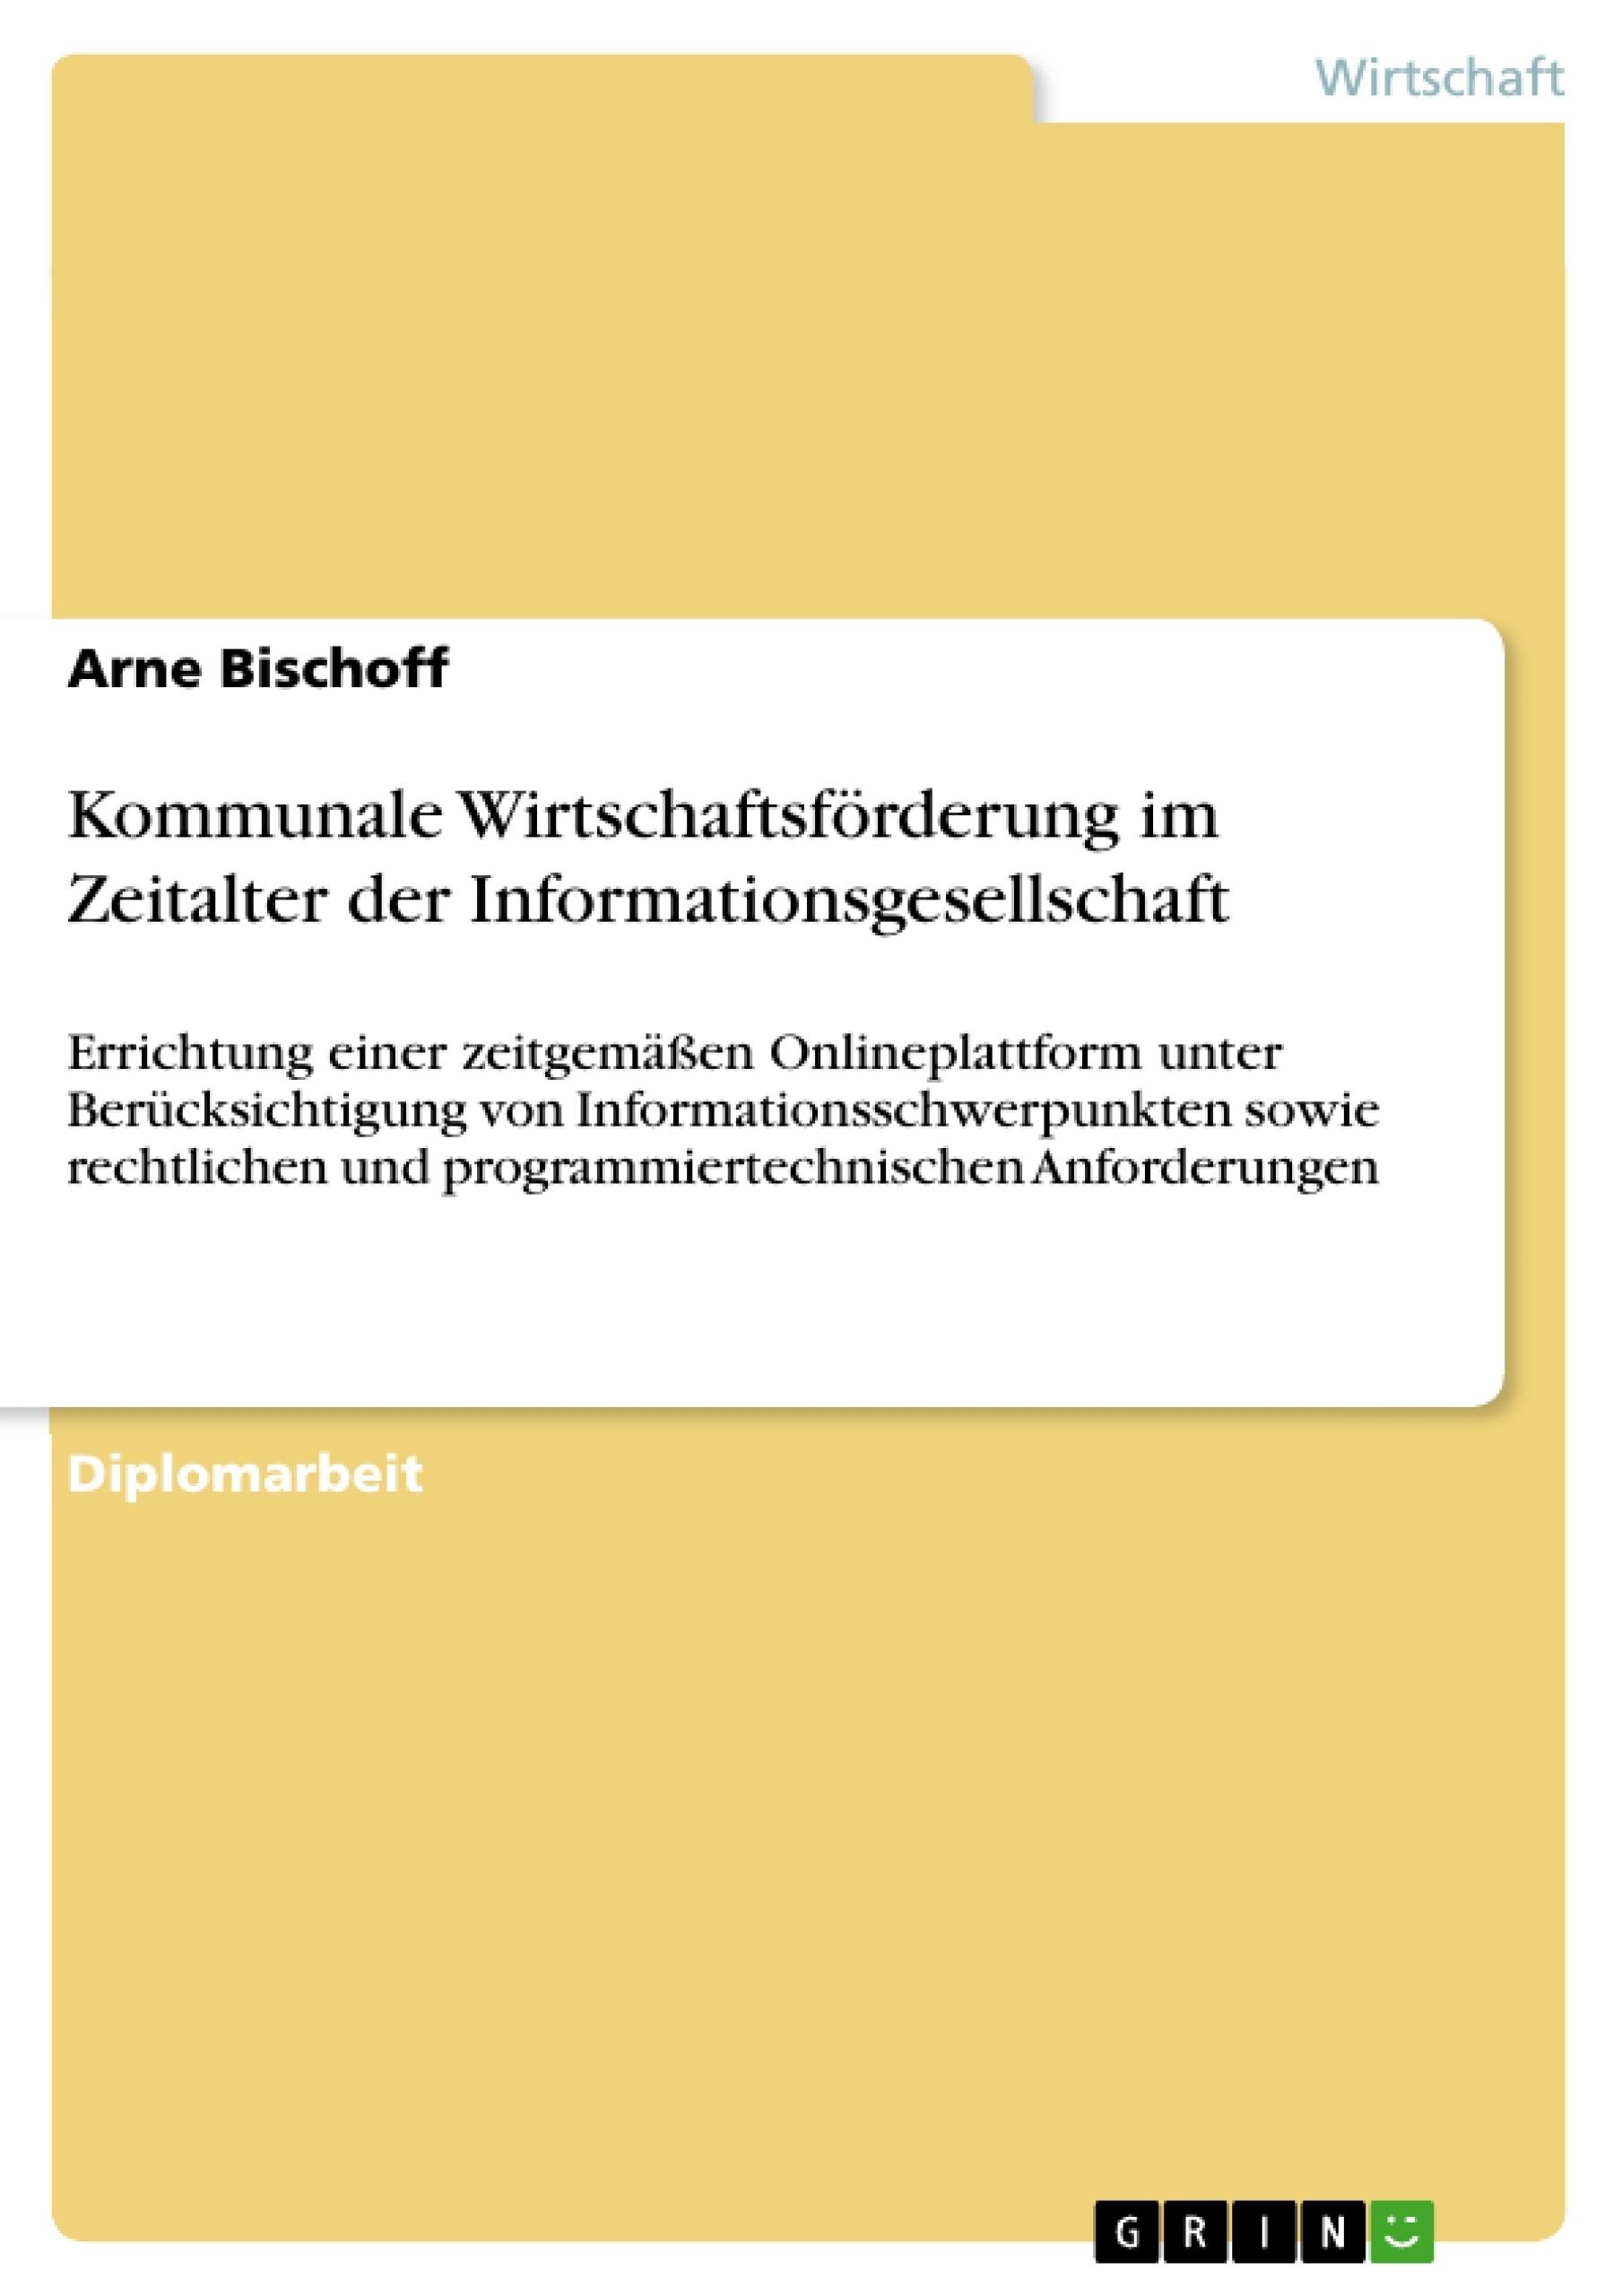 Titel: Kommunale Wirtschaftsförderung im Zeitalter der Informationsgesellschaft